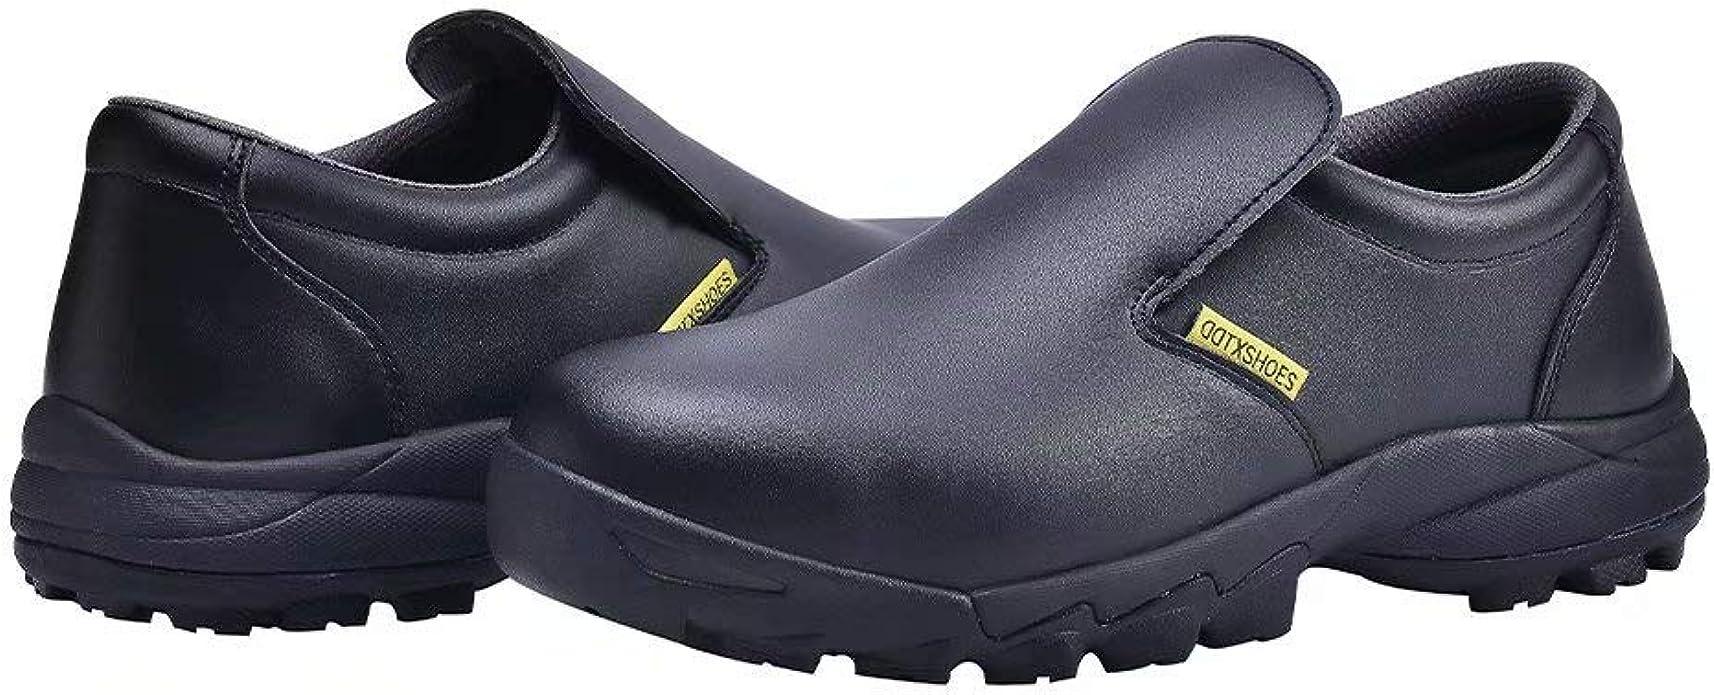 DDTX Safety Shoes for Men Oil Slip